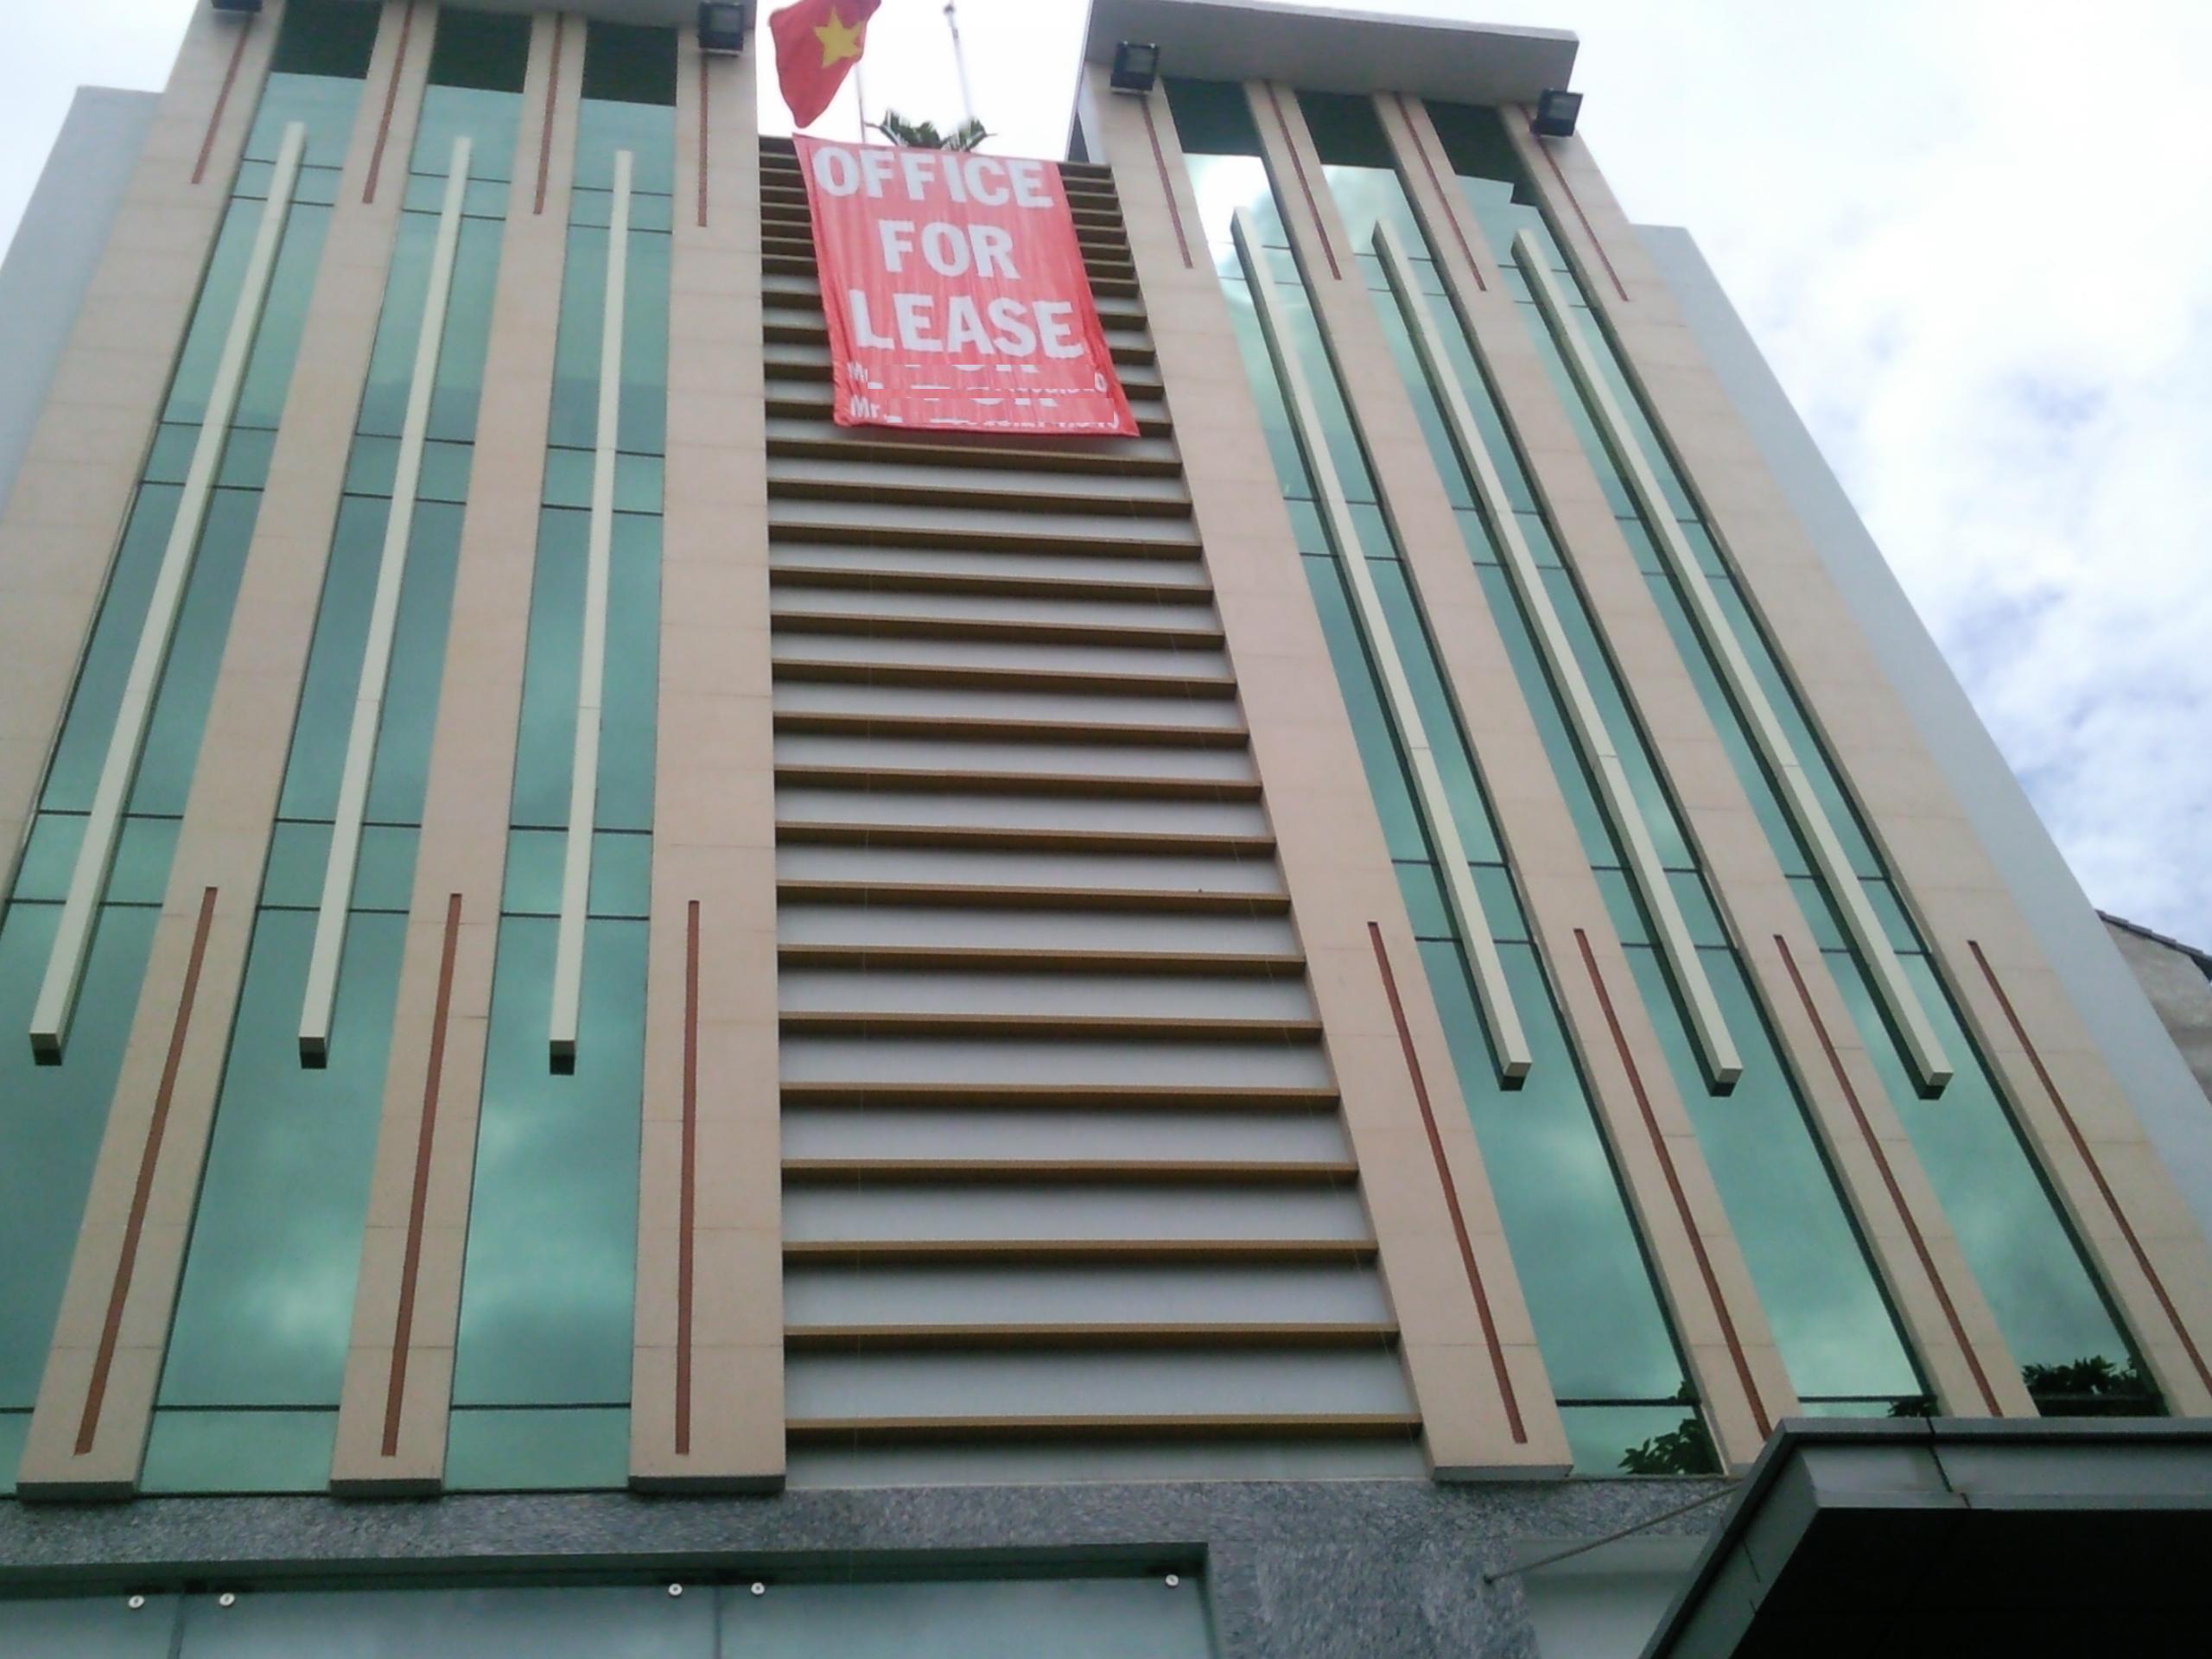 Văn phòng cho thuê: Hà Nội khó khăn, TPHCM kì vọng phục hồi